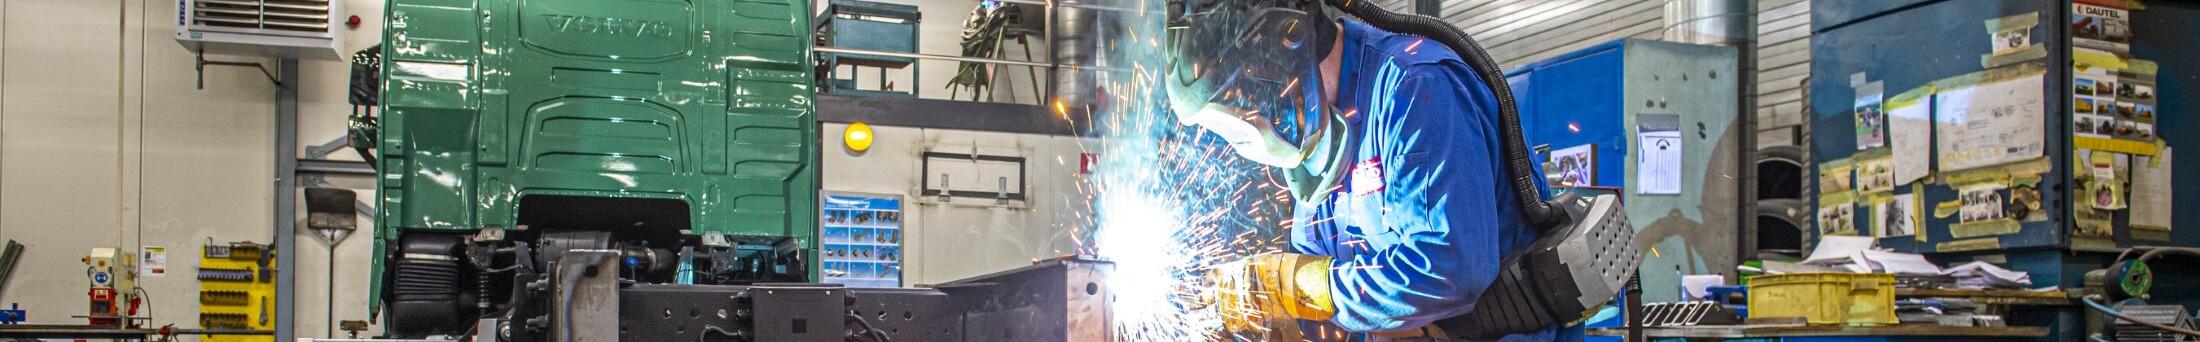 Hard working welder